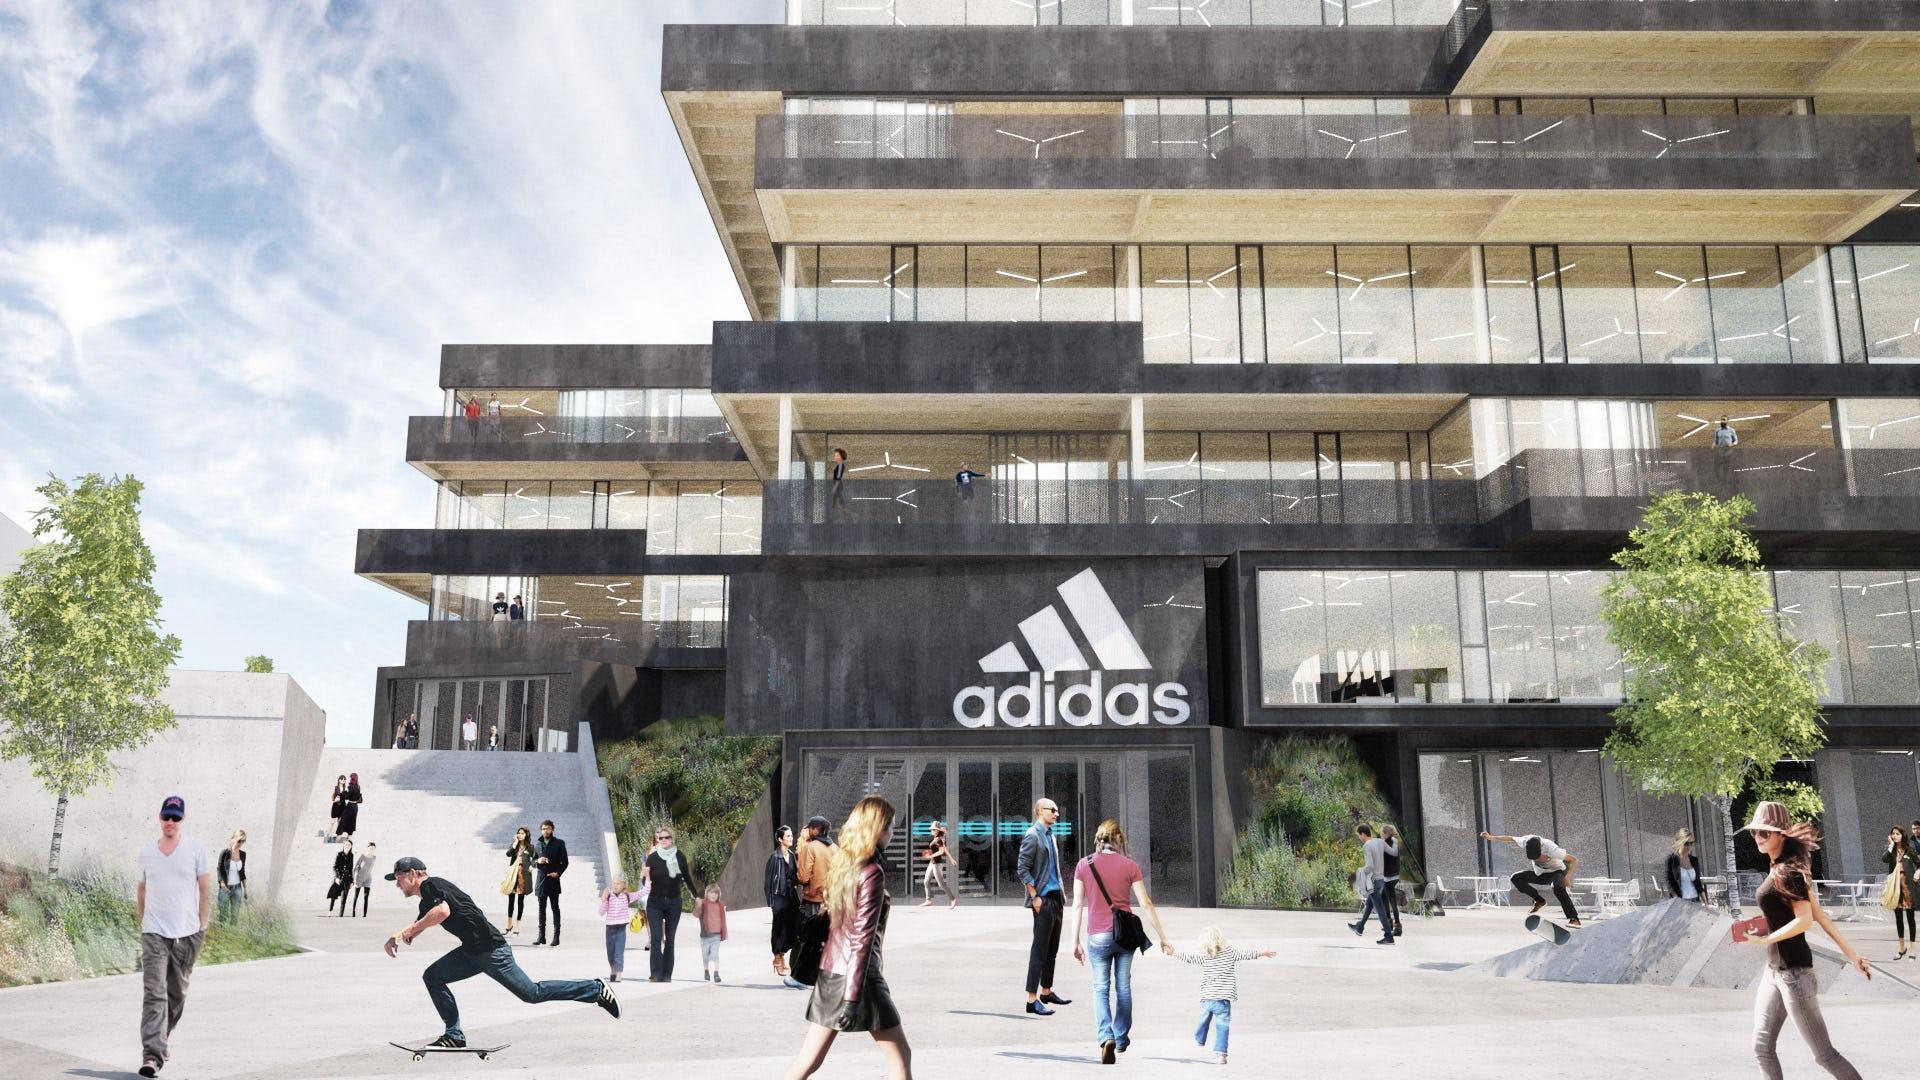 Adidas v6